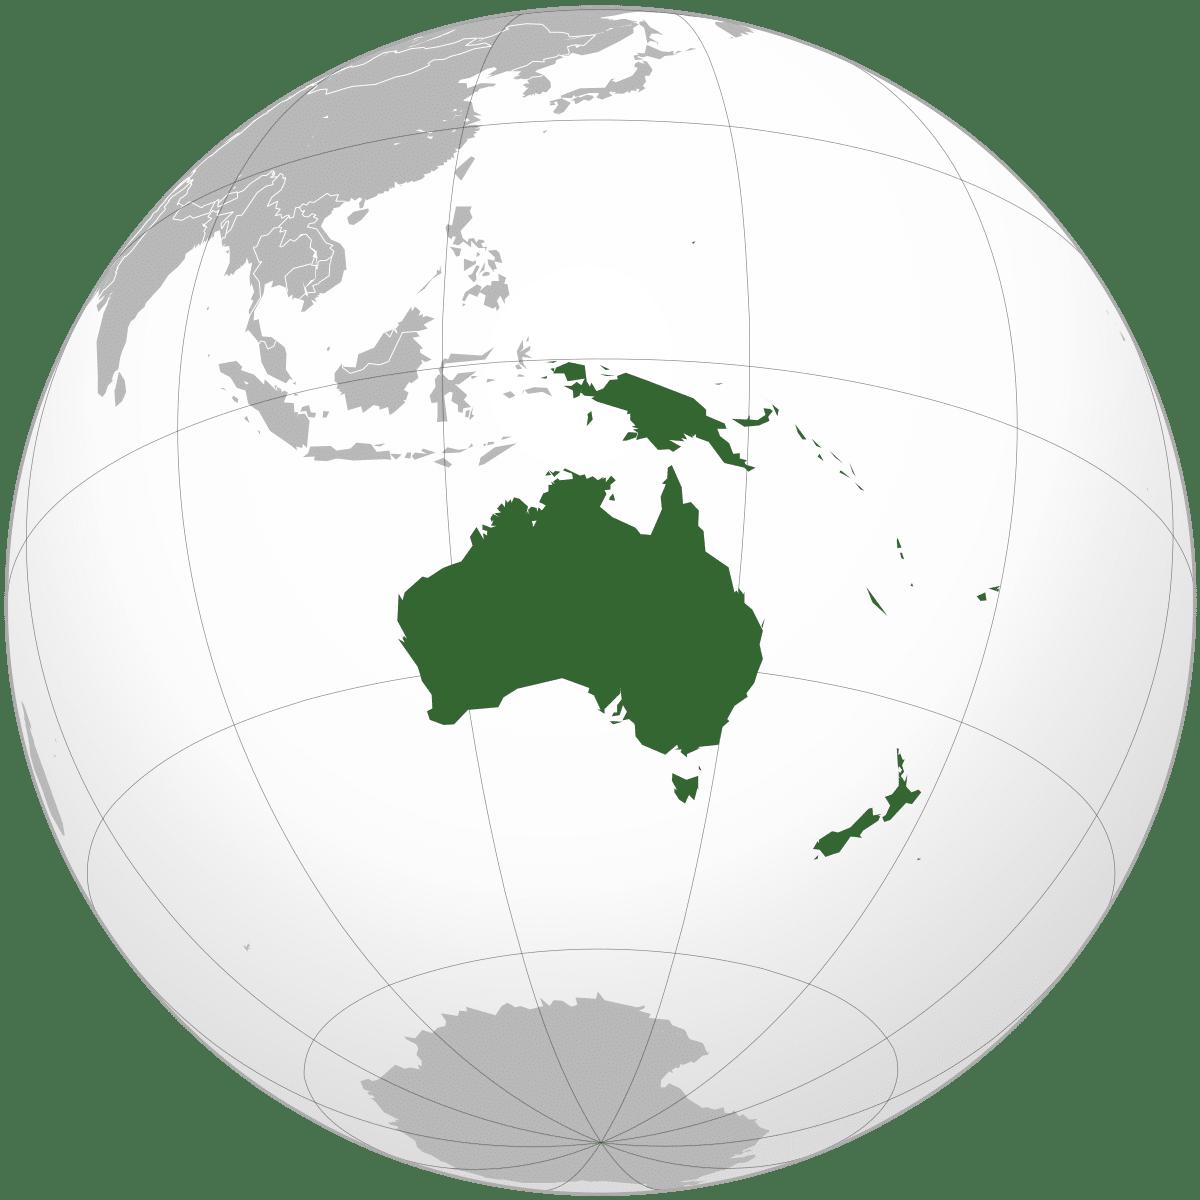 Historia de Oceanía, todo lo que desconoce de este continente